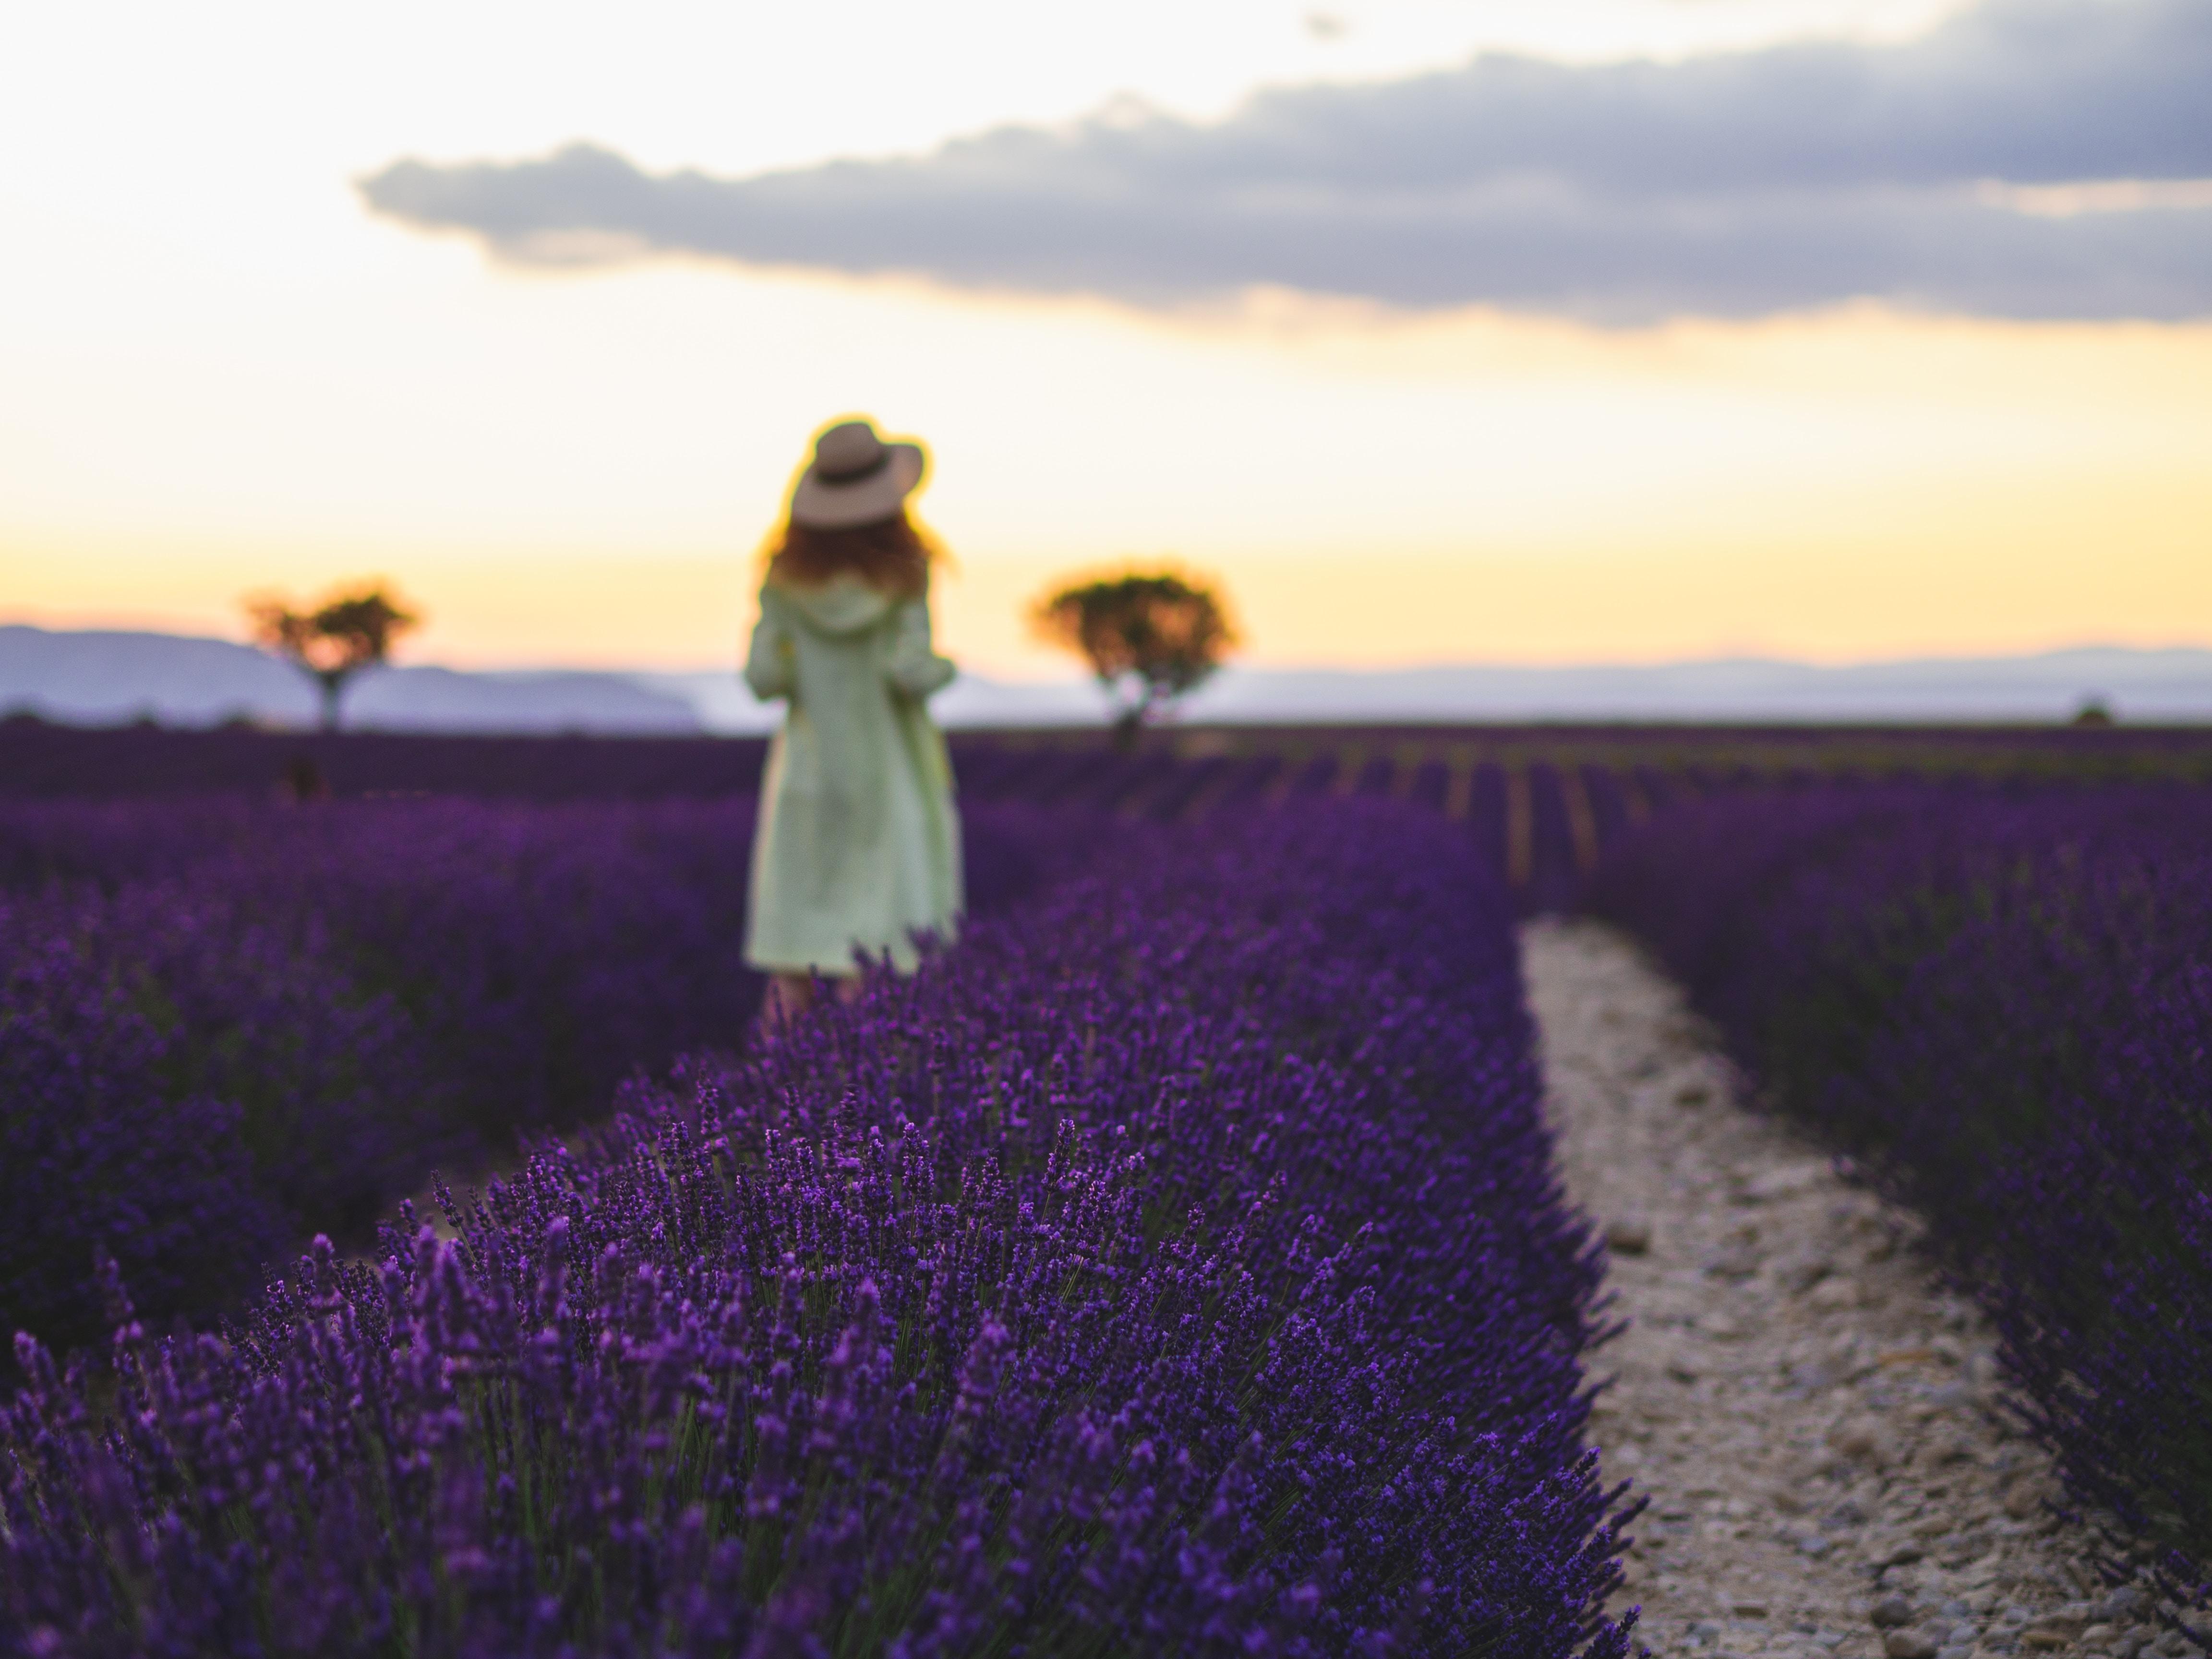 woman standing near flower field